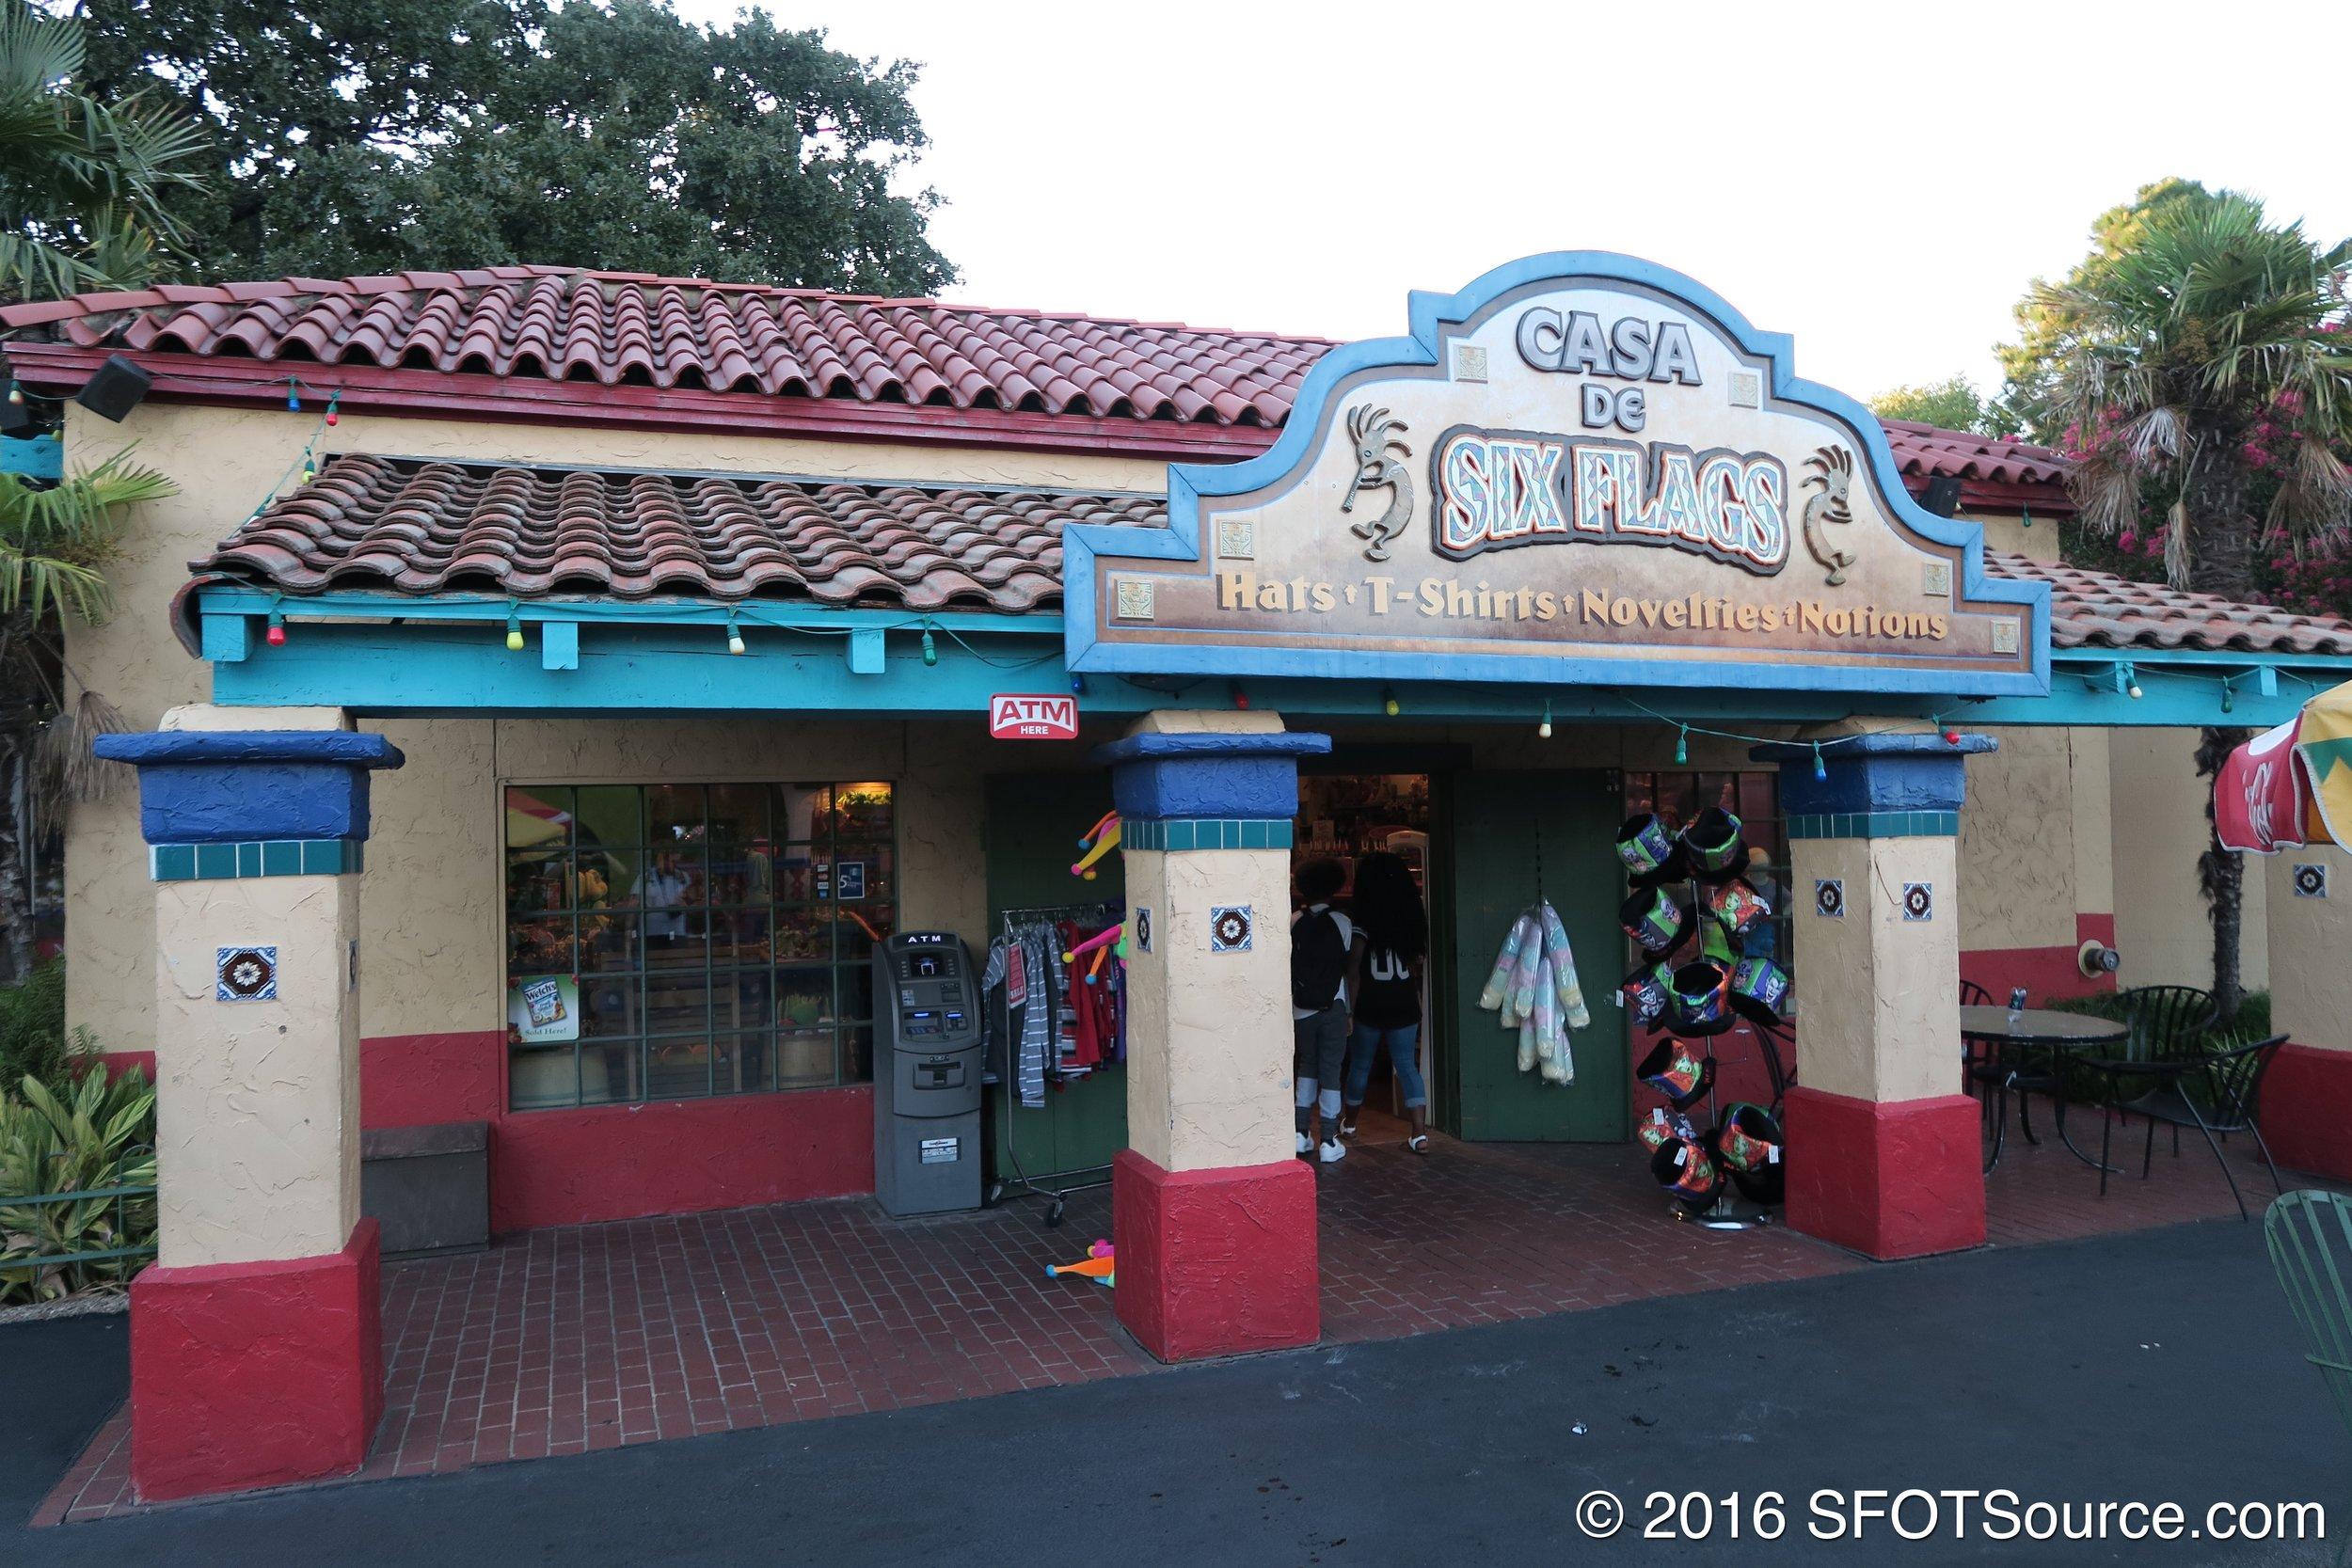 A look at Casa de Six Flags prior to a 2017 remodel.